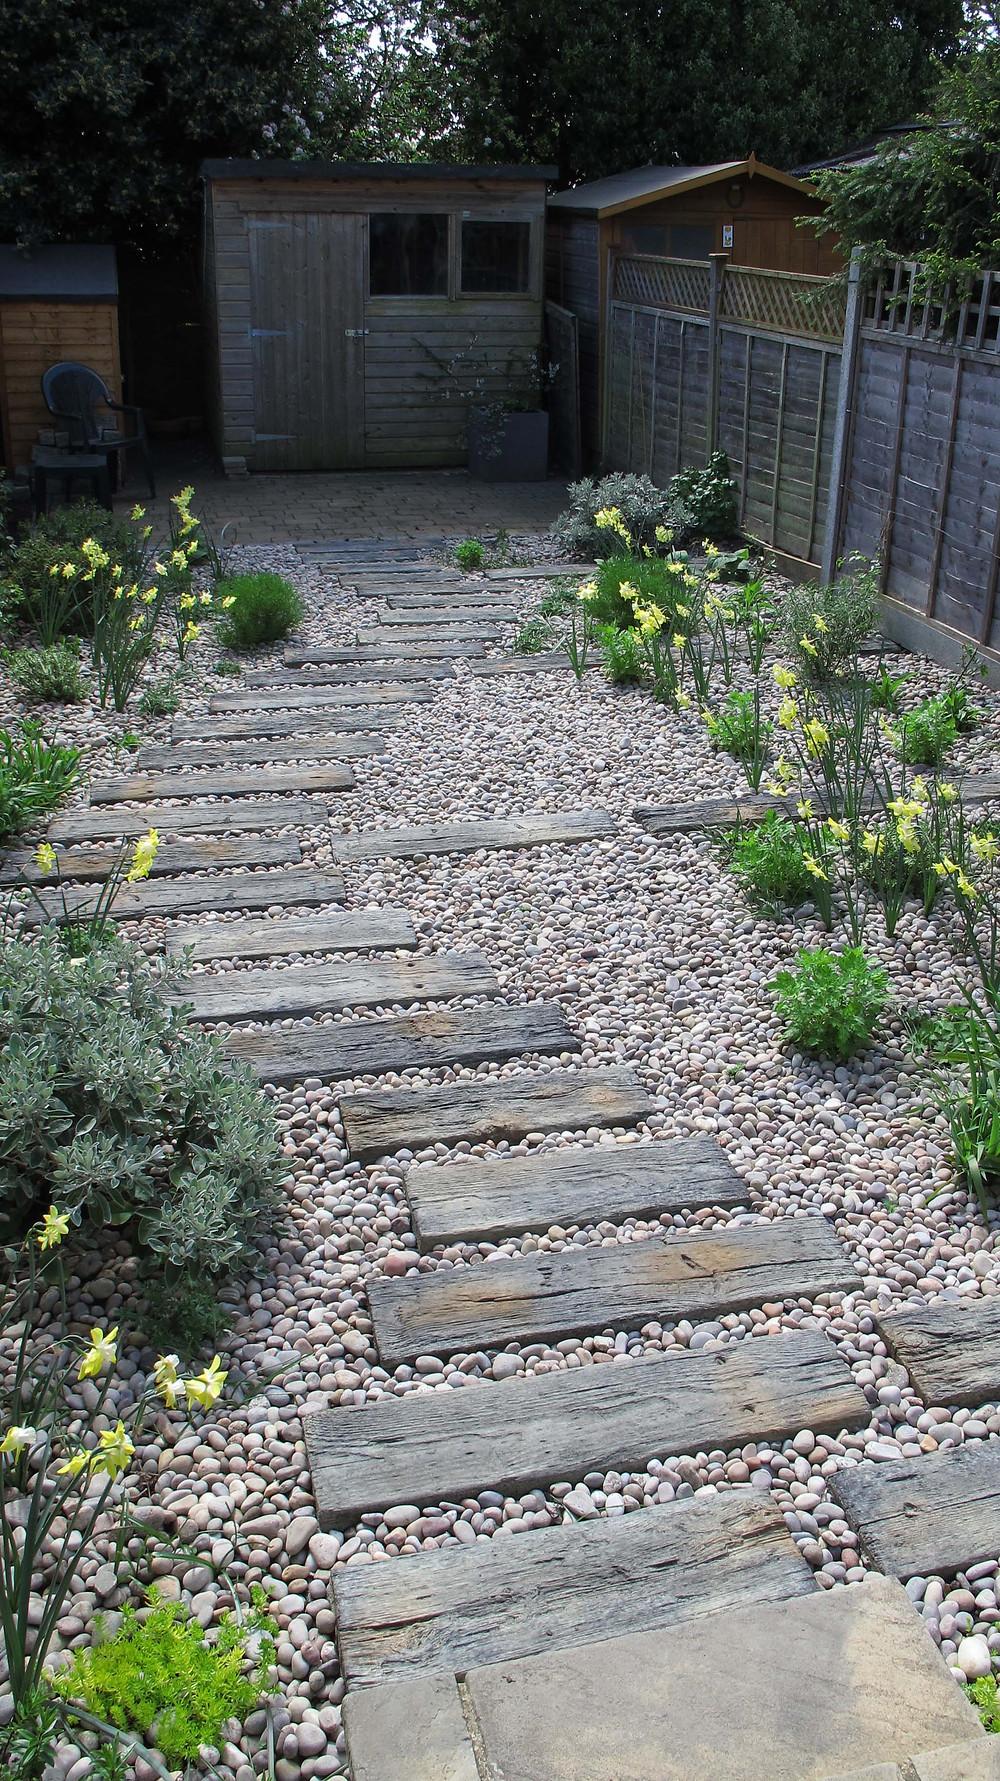 railwaty sleeper path, concrete sleepers, garden path, daffodils, pebbles, seaside garden,